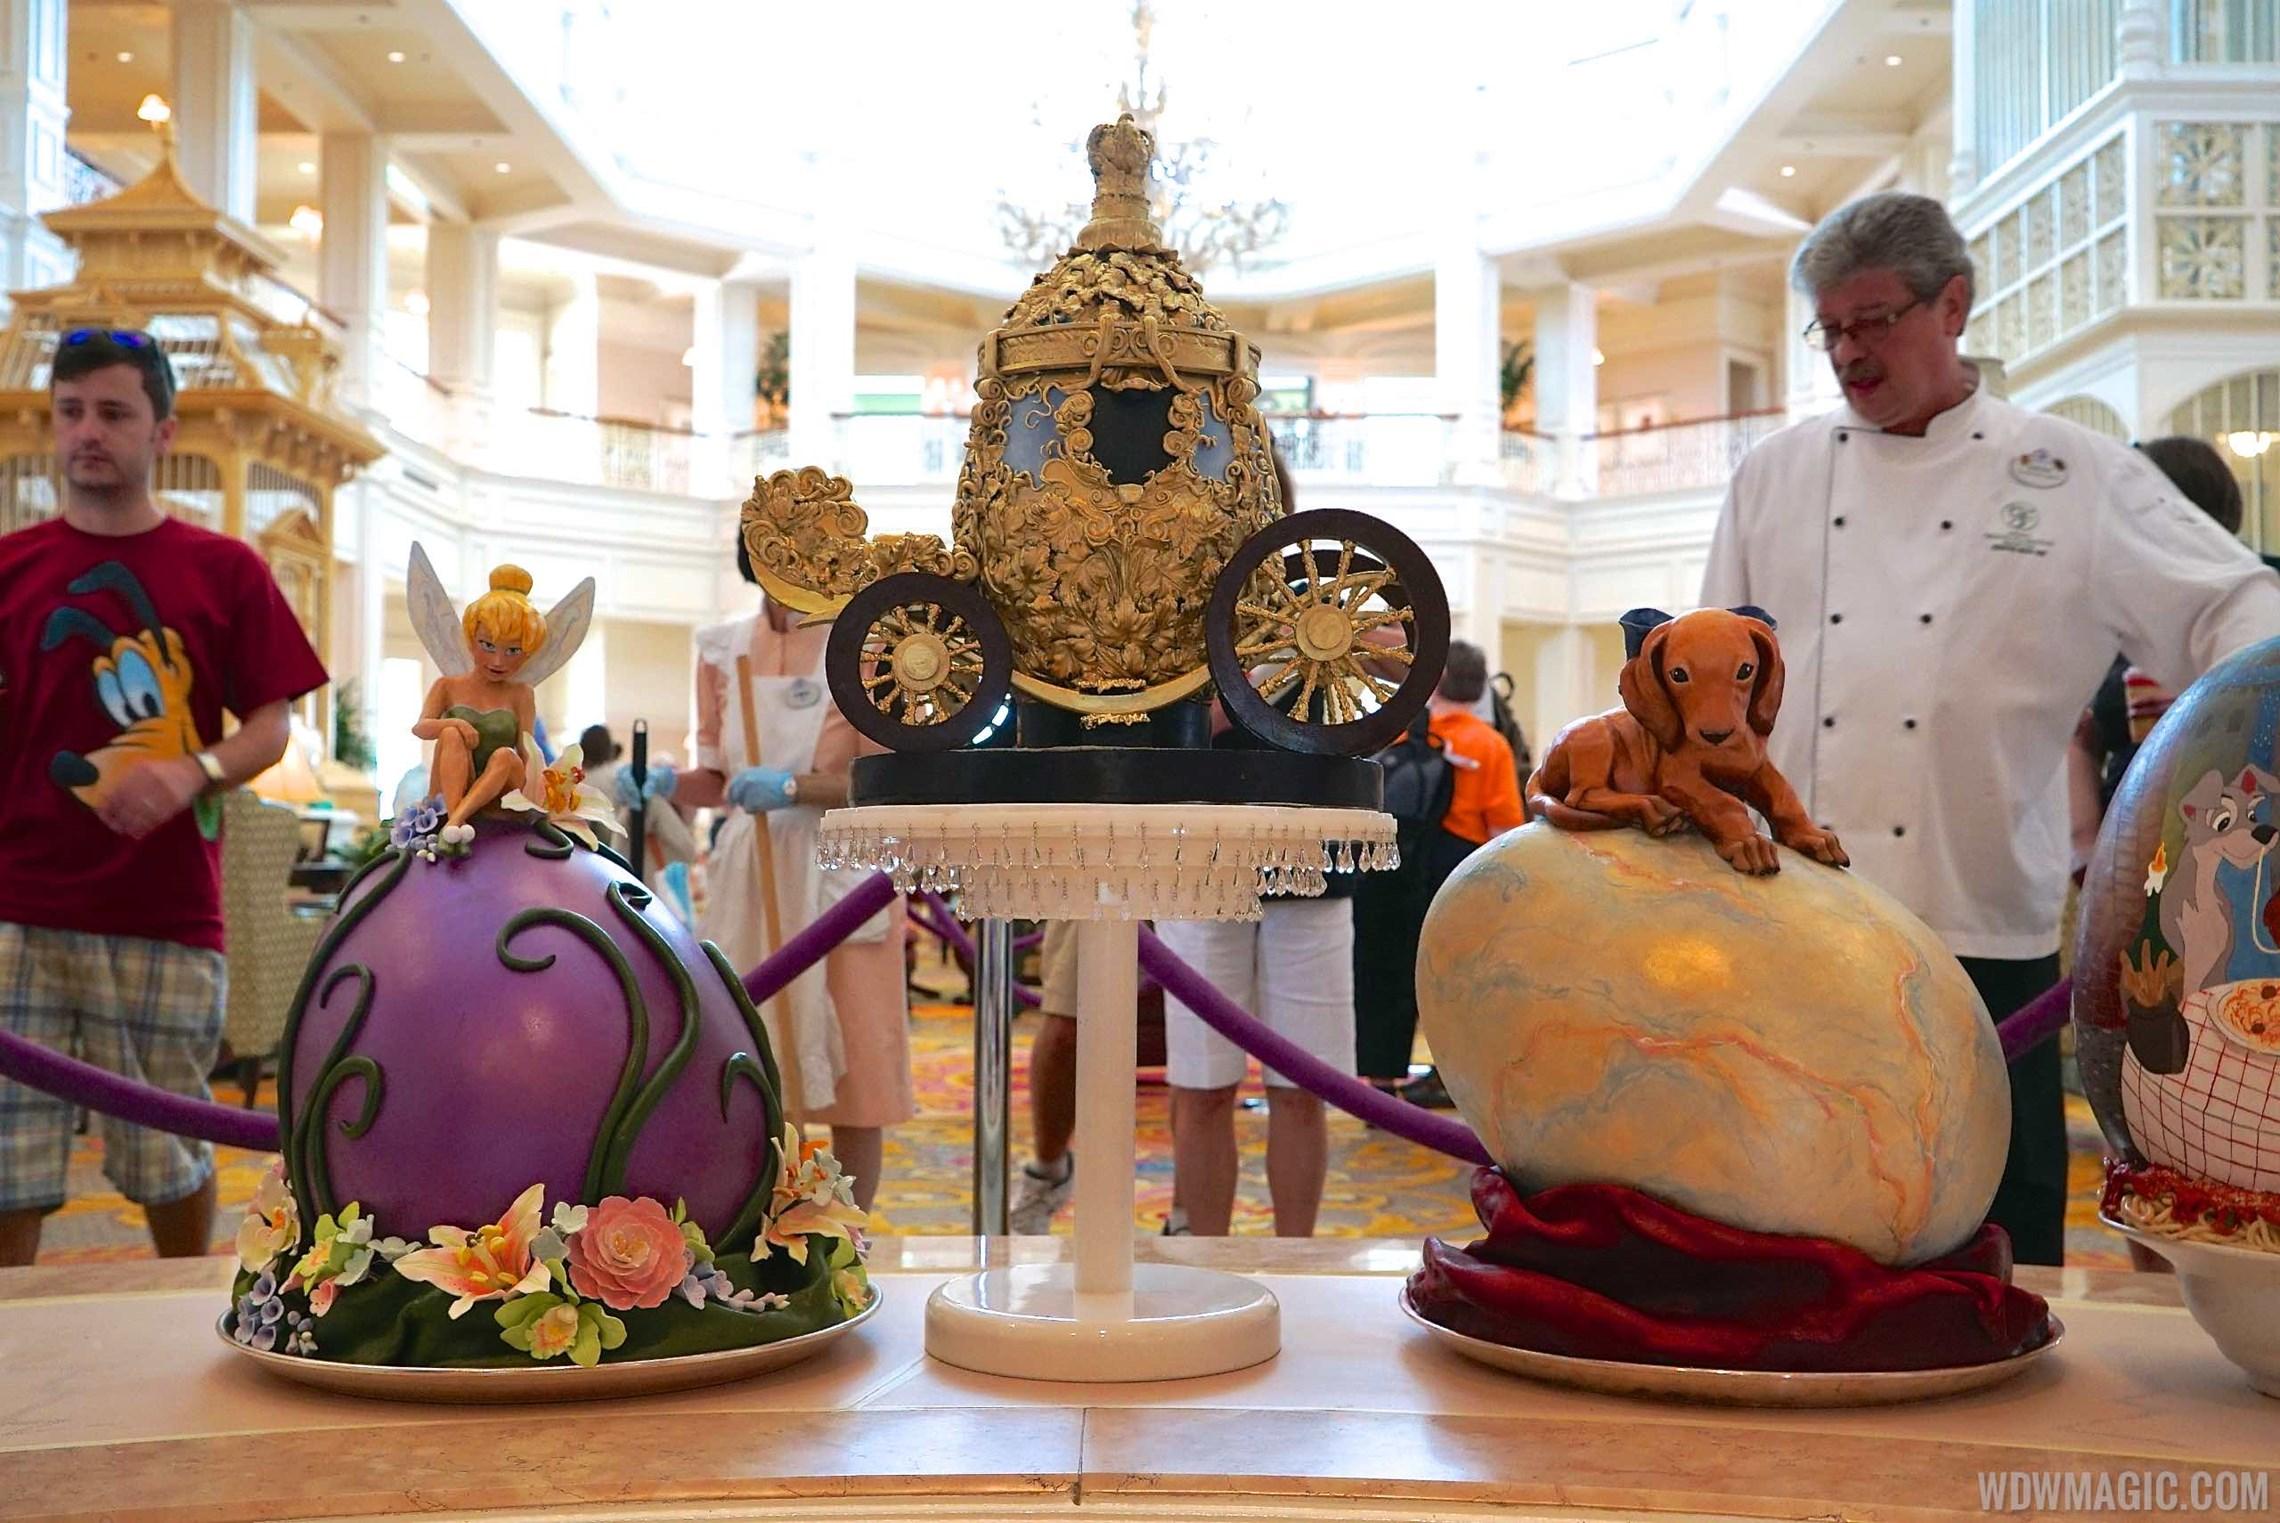 2015 Grand Floridian Resort Easter Egg displays